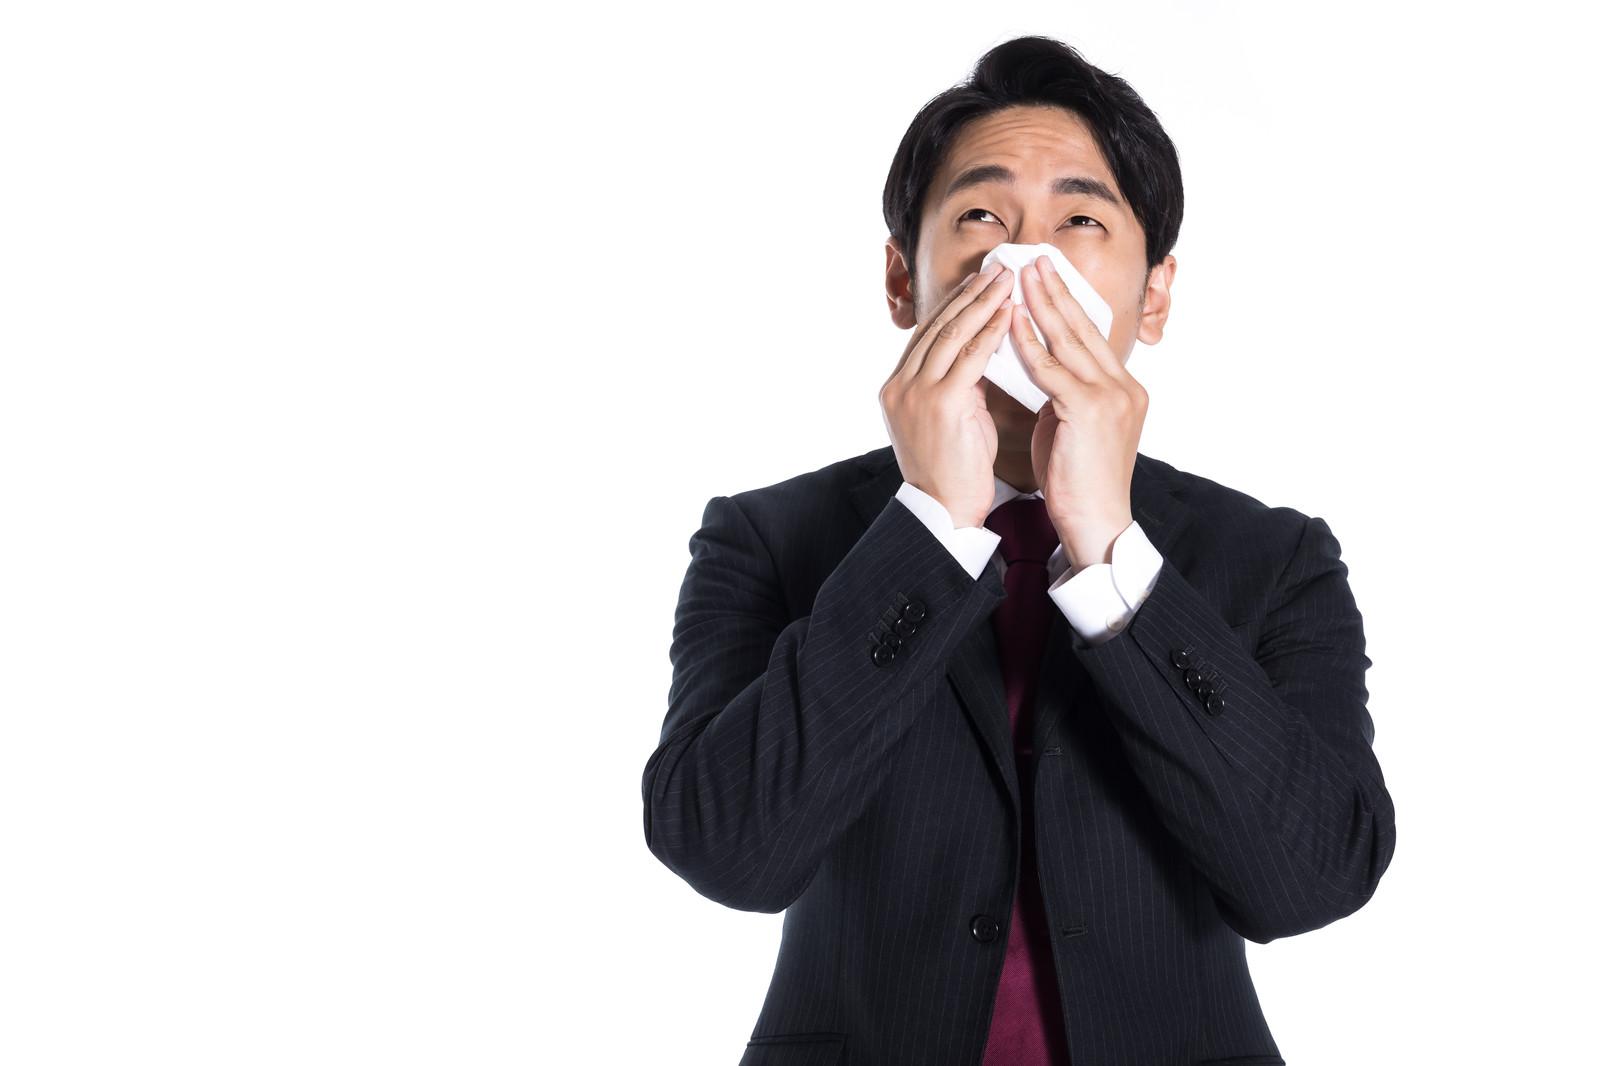 鼻を抑える男性